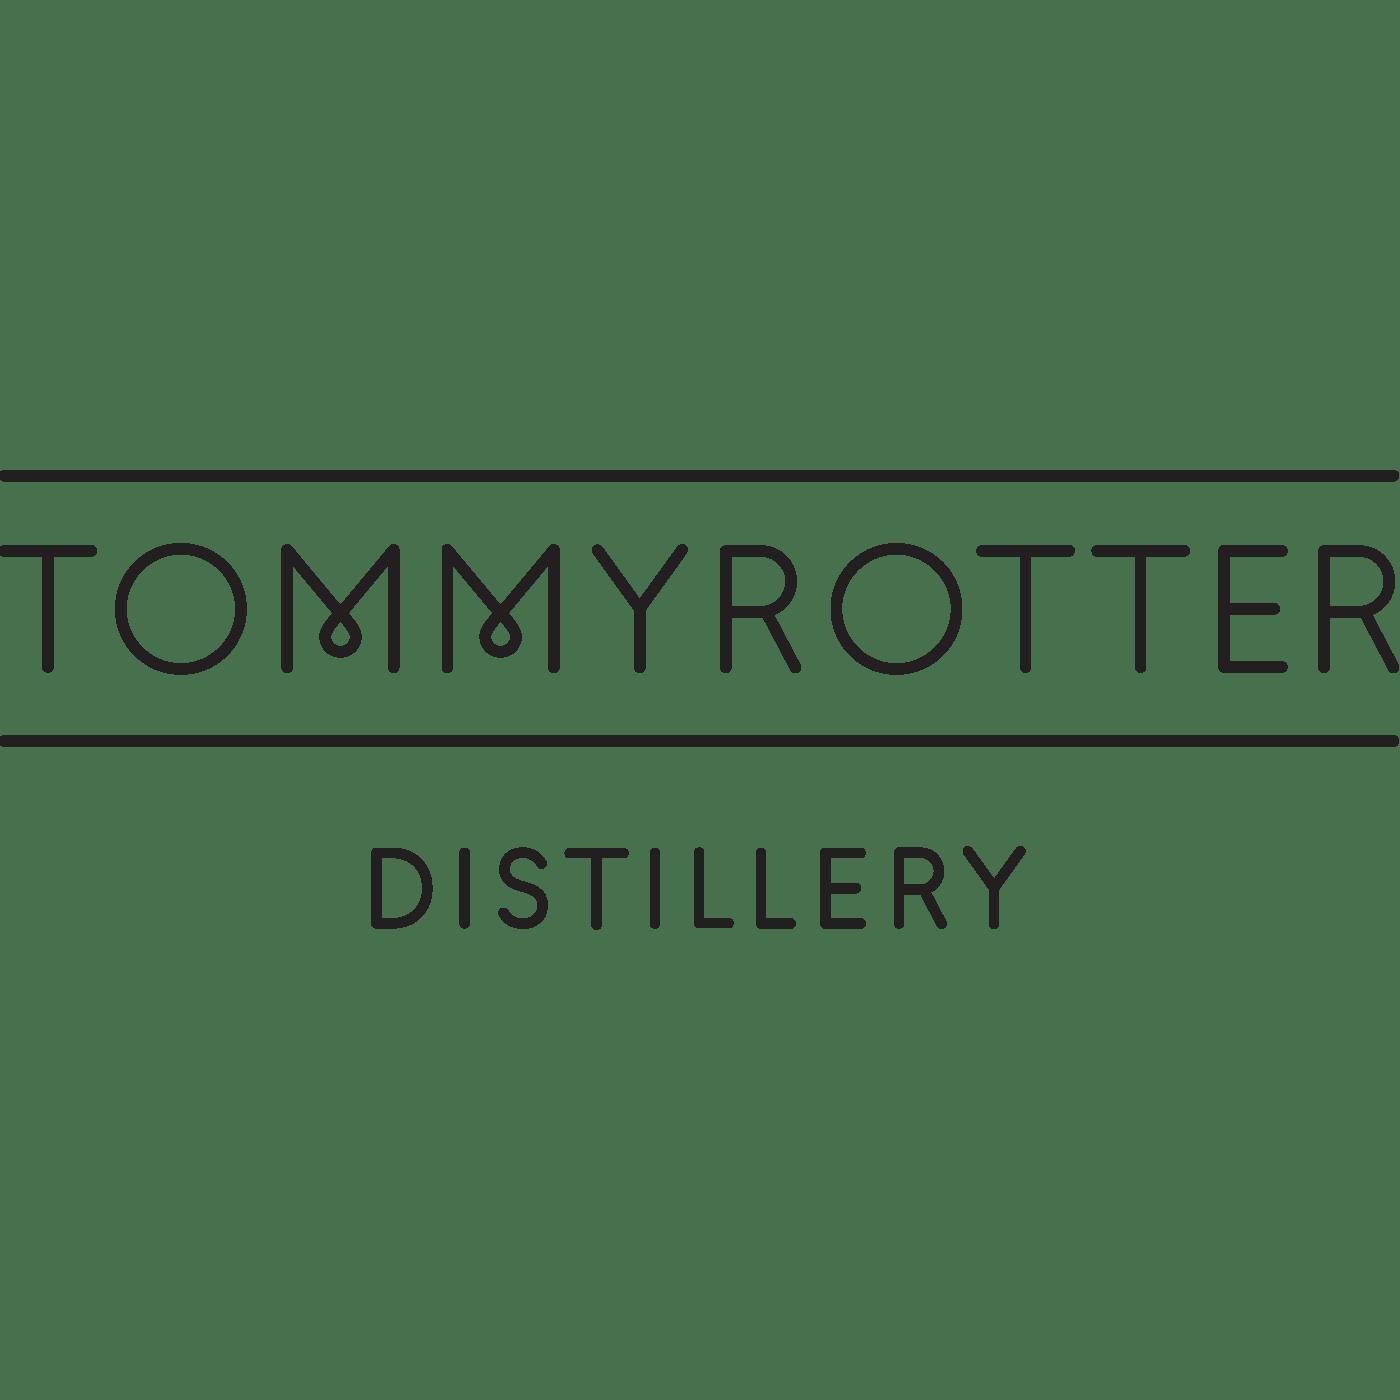 Block Club - Tommyrotter Distillery